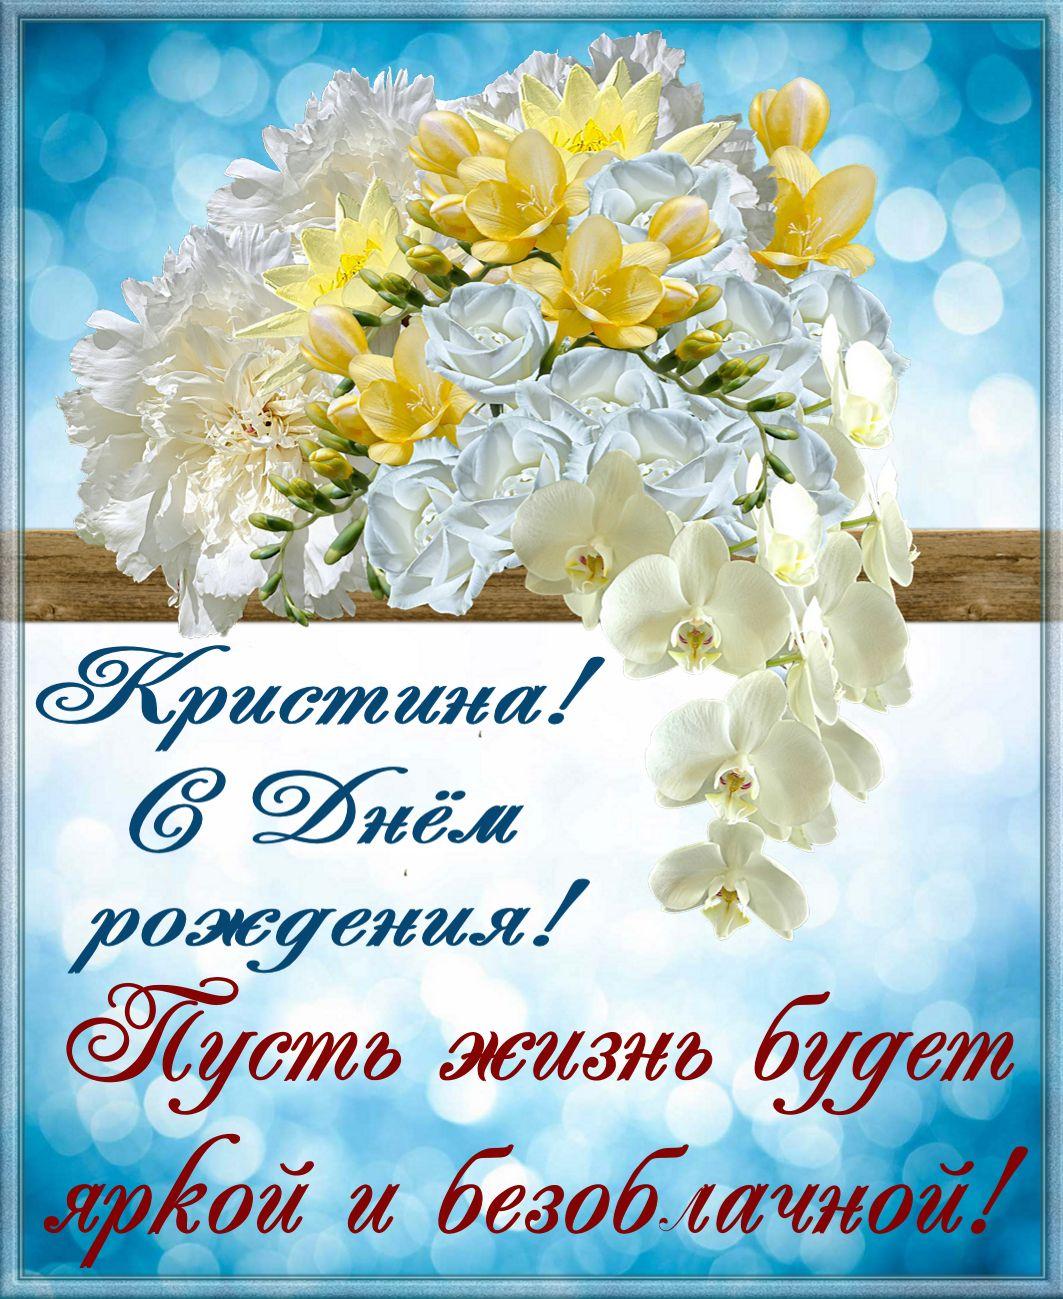 Днем рождения, открытка цветы татьяне